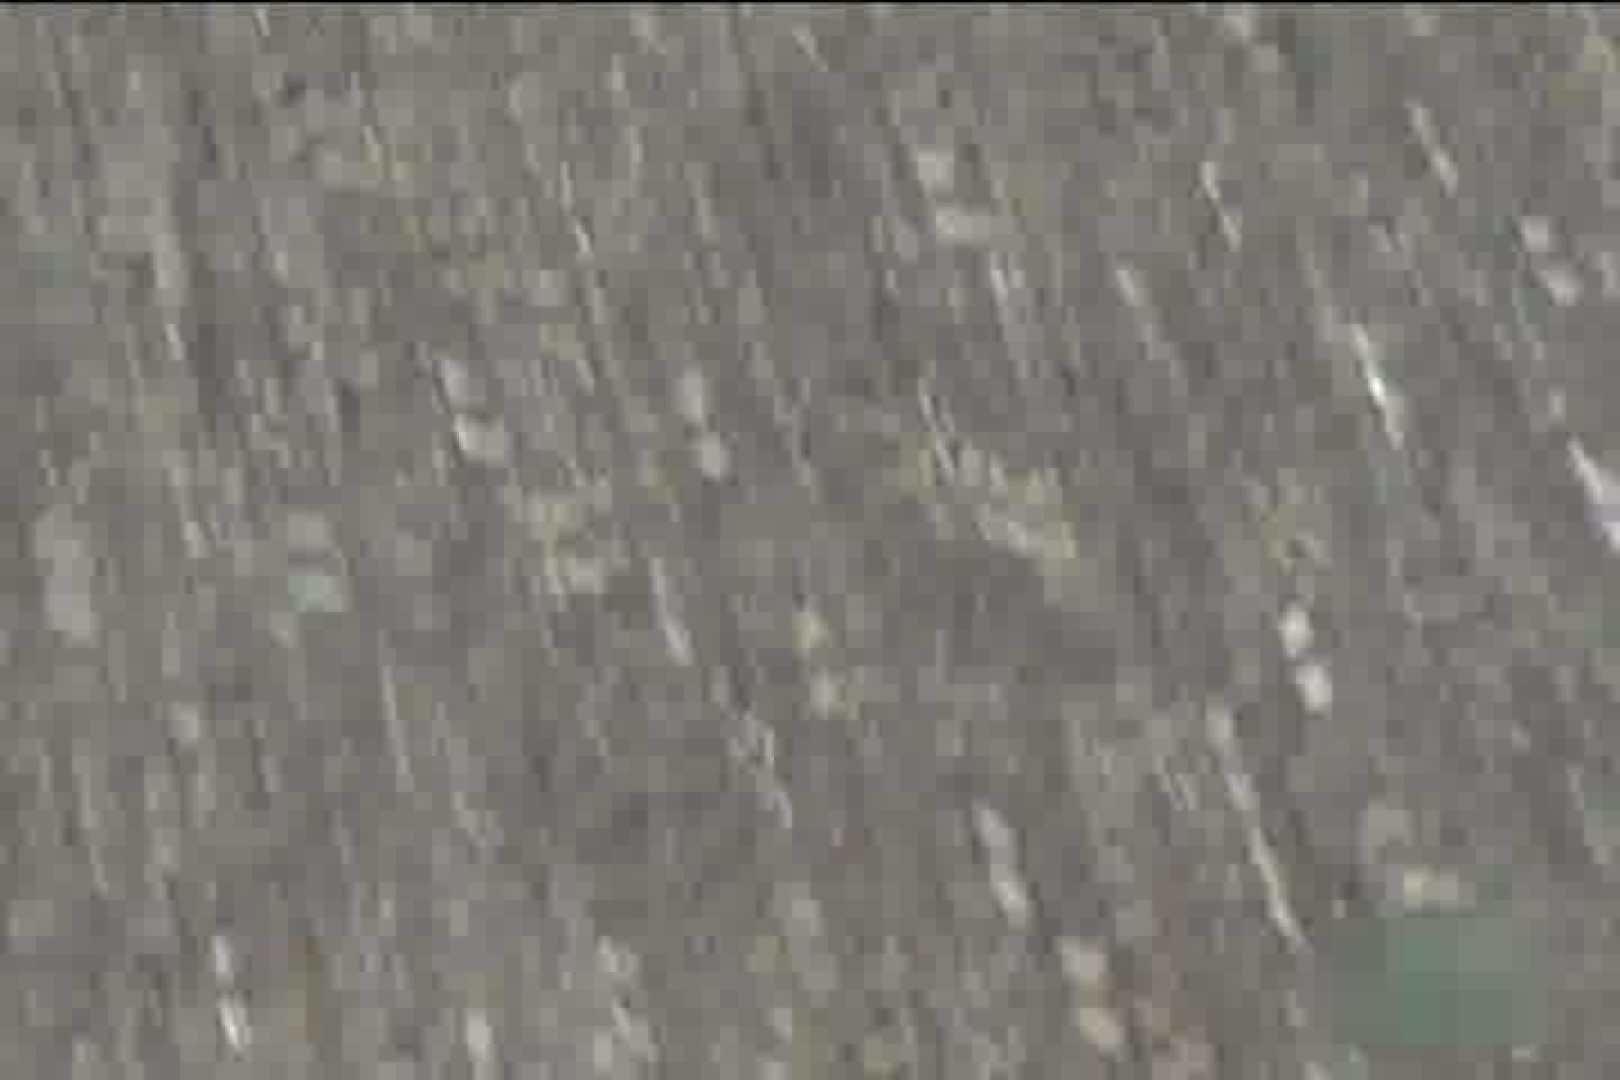 検証!隠し撮りスカートめくり!!Vol.8 ミニスカート | OLセックス  108画像 22